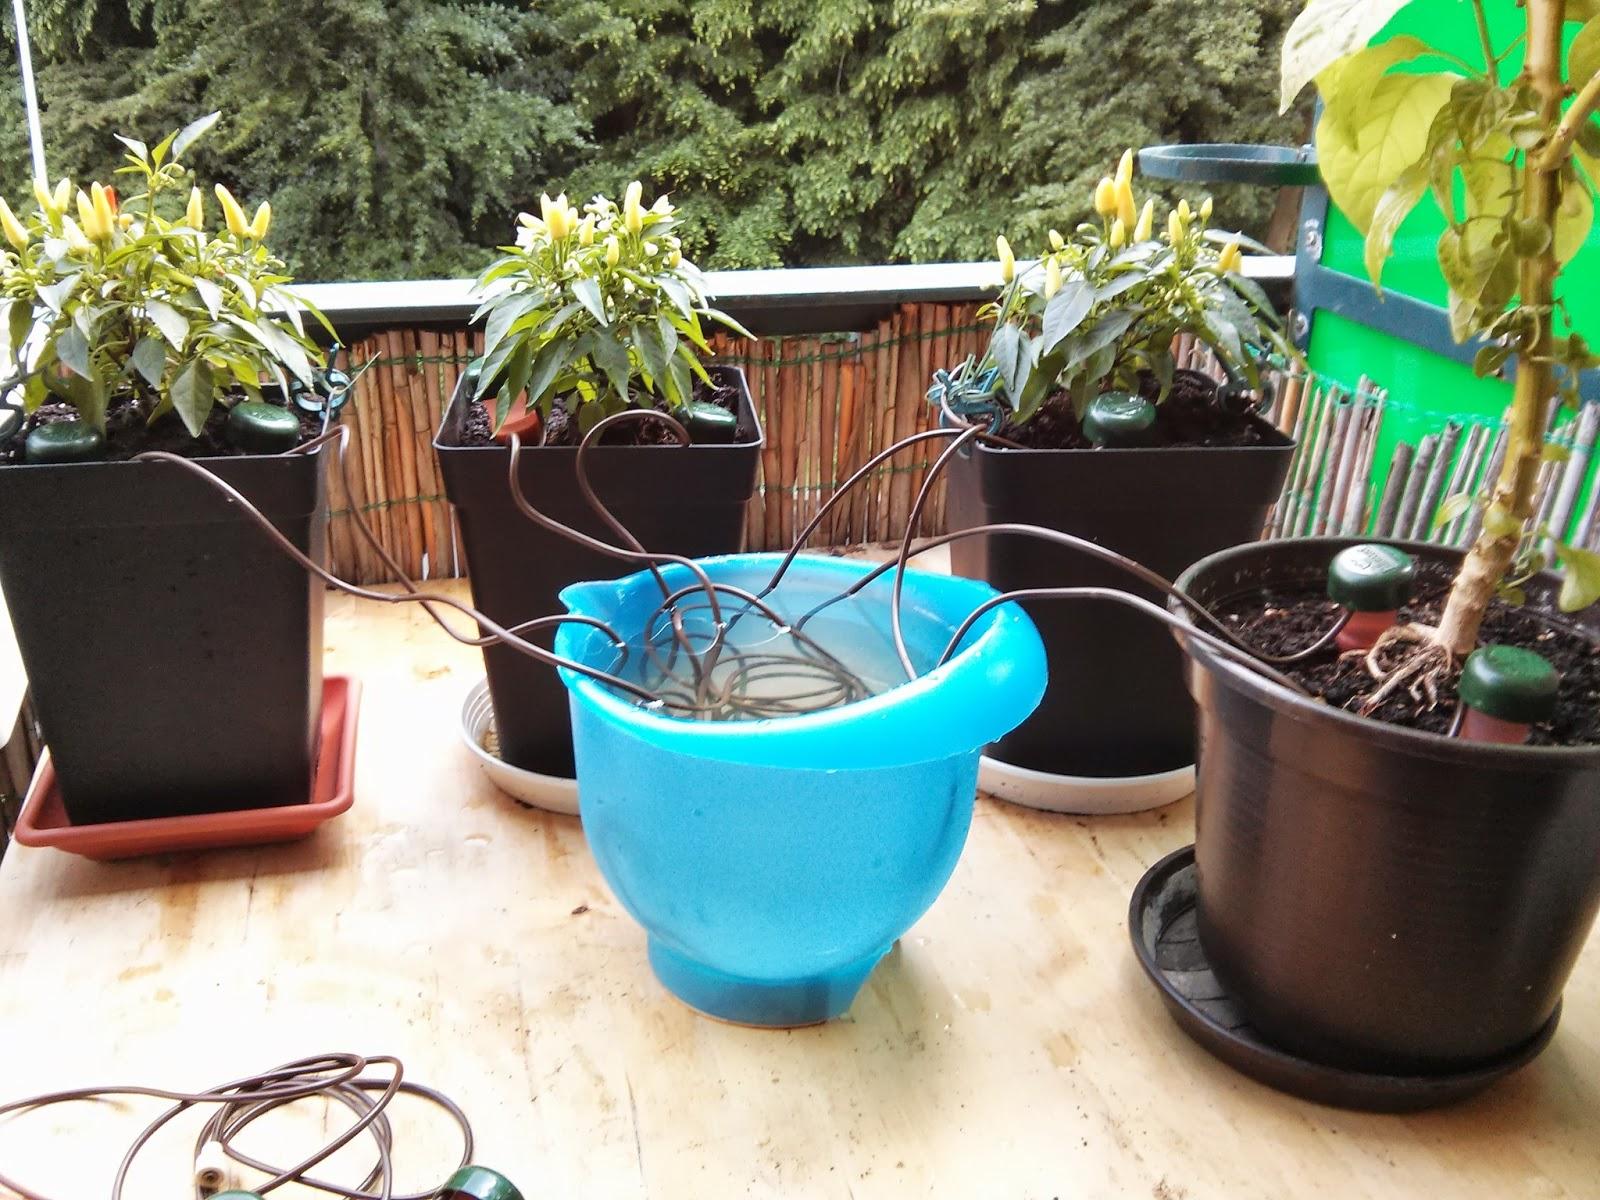 chili farmer chili pflanzen automatisch bew ssern. Black Bedroom Furniture Sets. Home Design Ideas